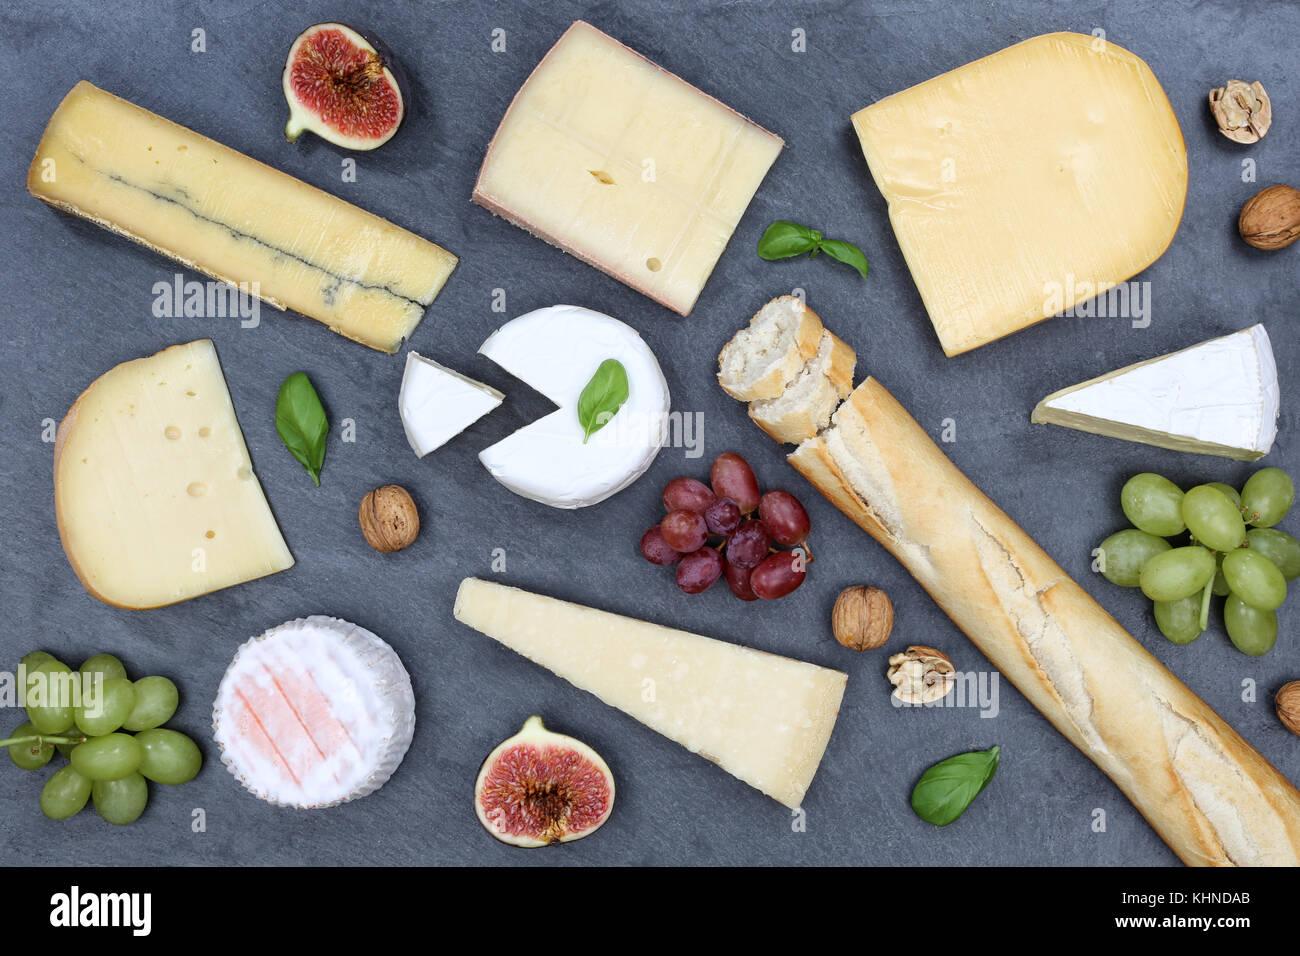 Scheda formaggio piastra piatto il pane svizzero camembert ardesia vista in pianta da sopra Immagini Stock